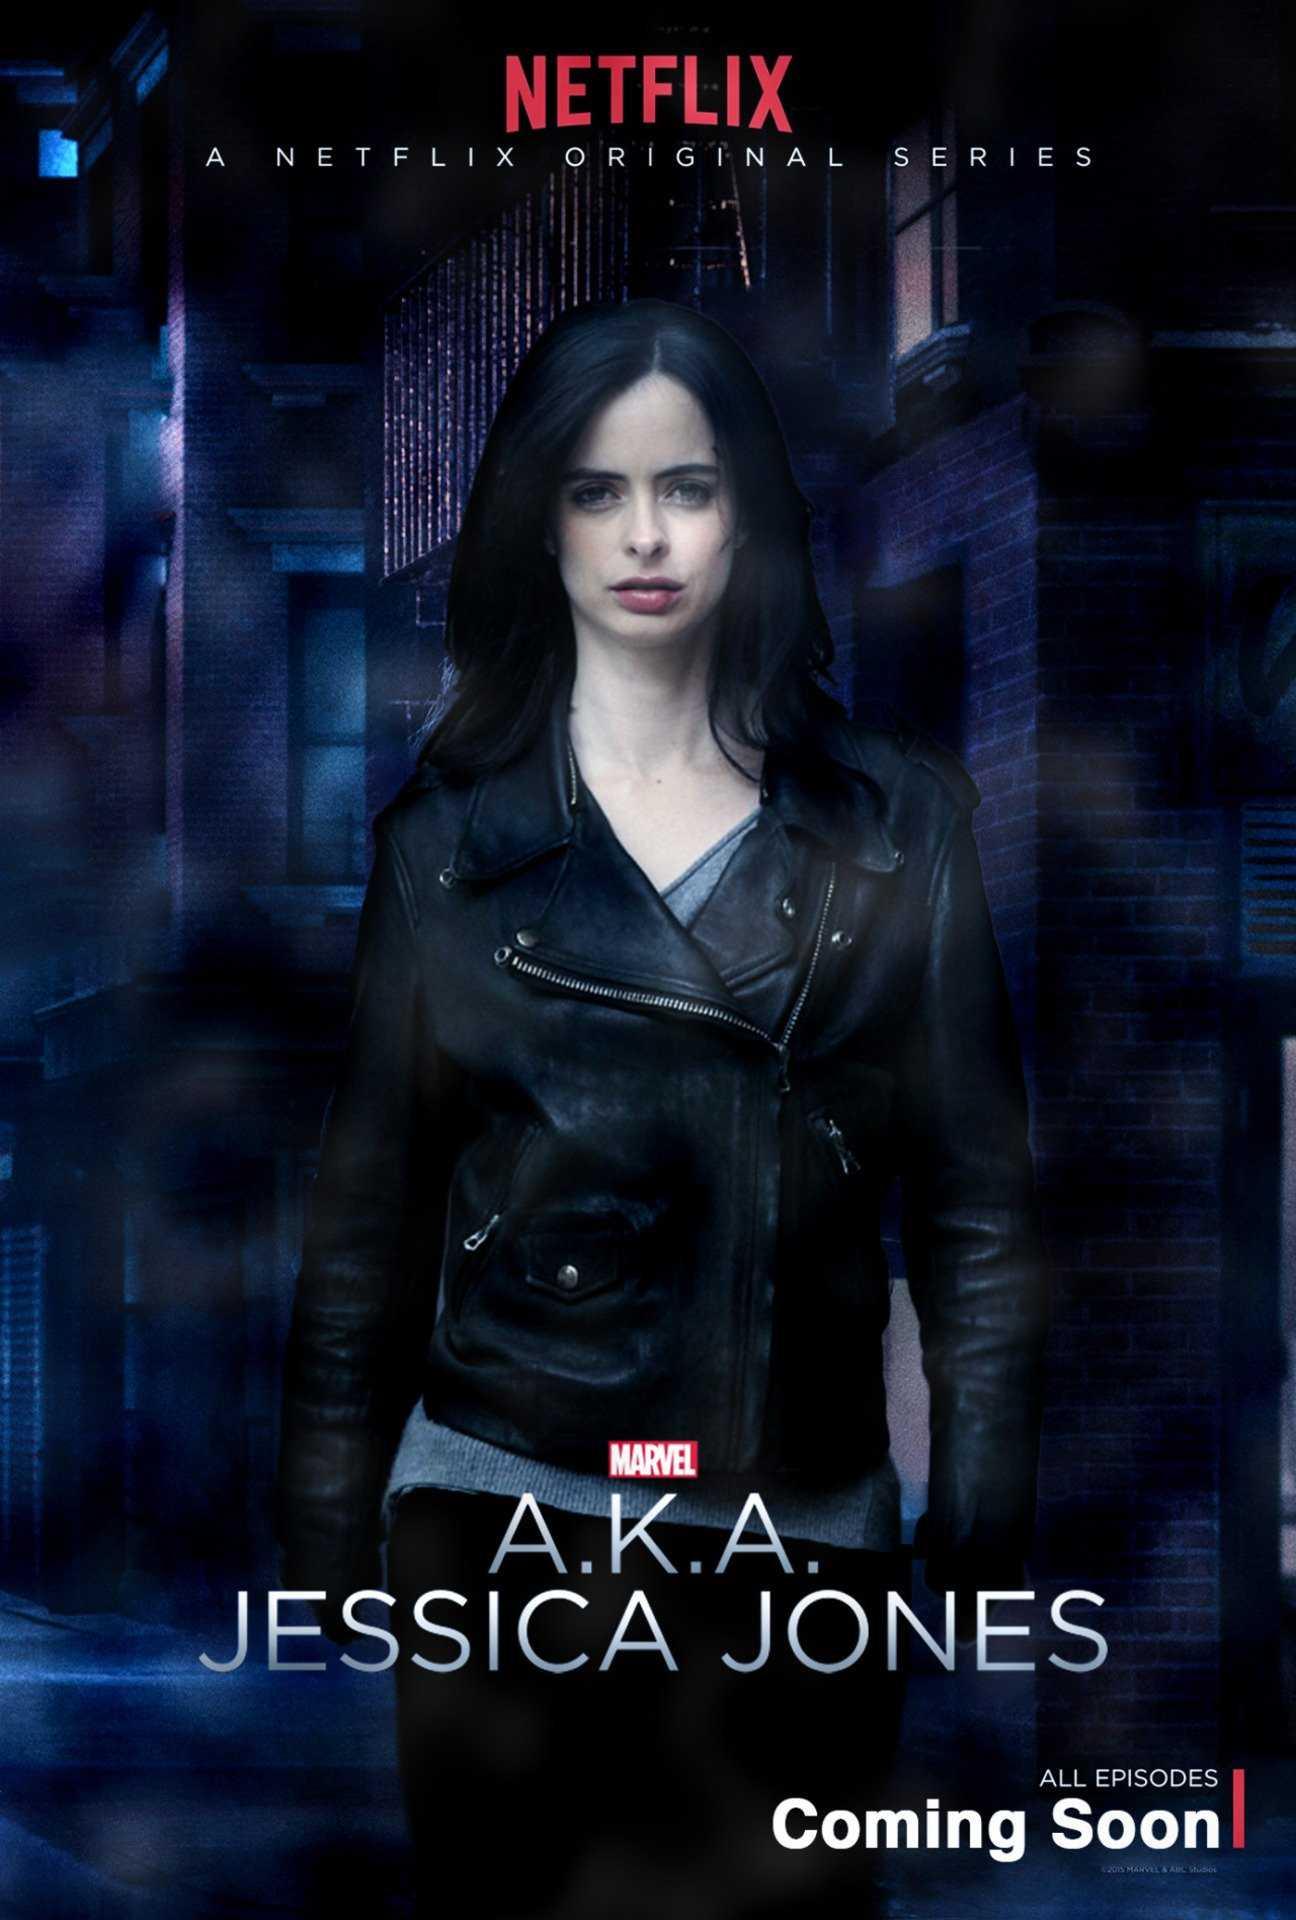 Here's Your First Look At Marvel's Jessica Jones | Jessica Jones